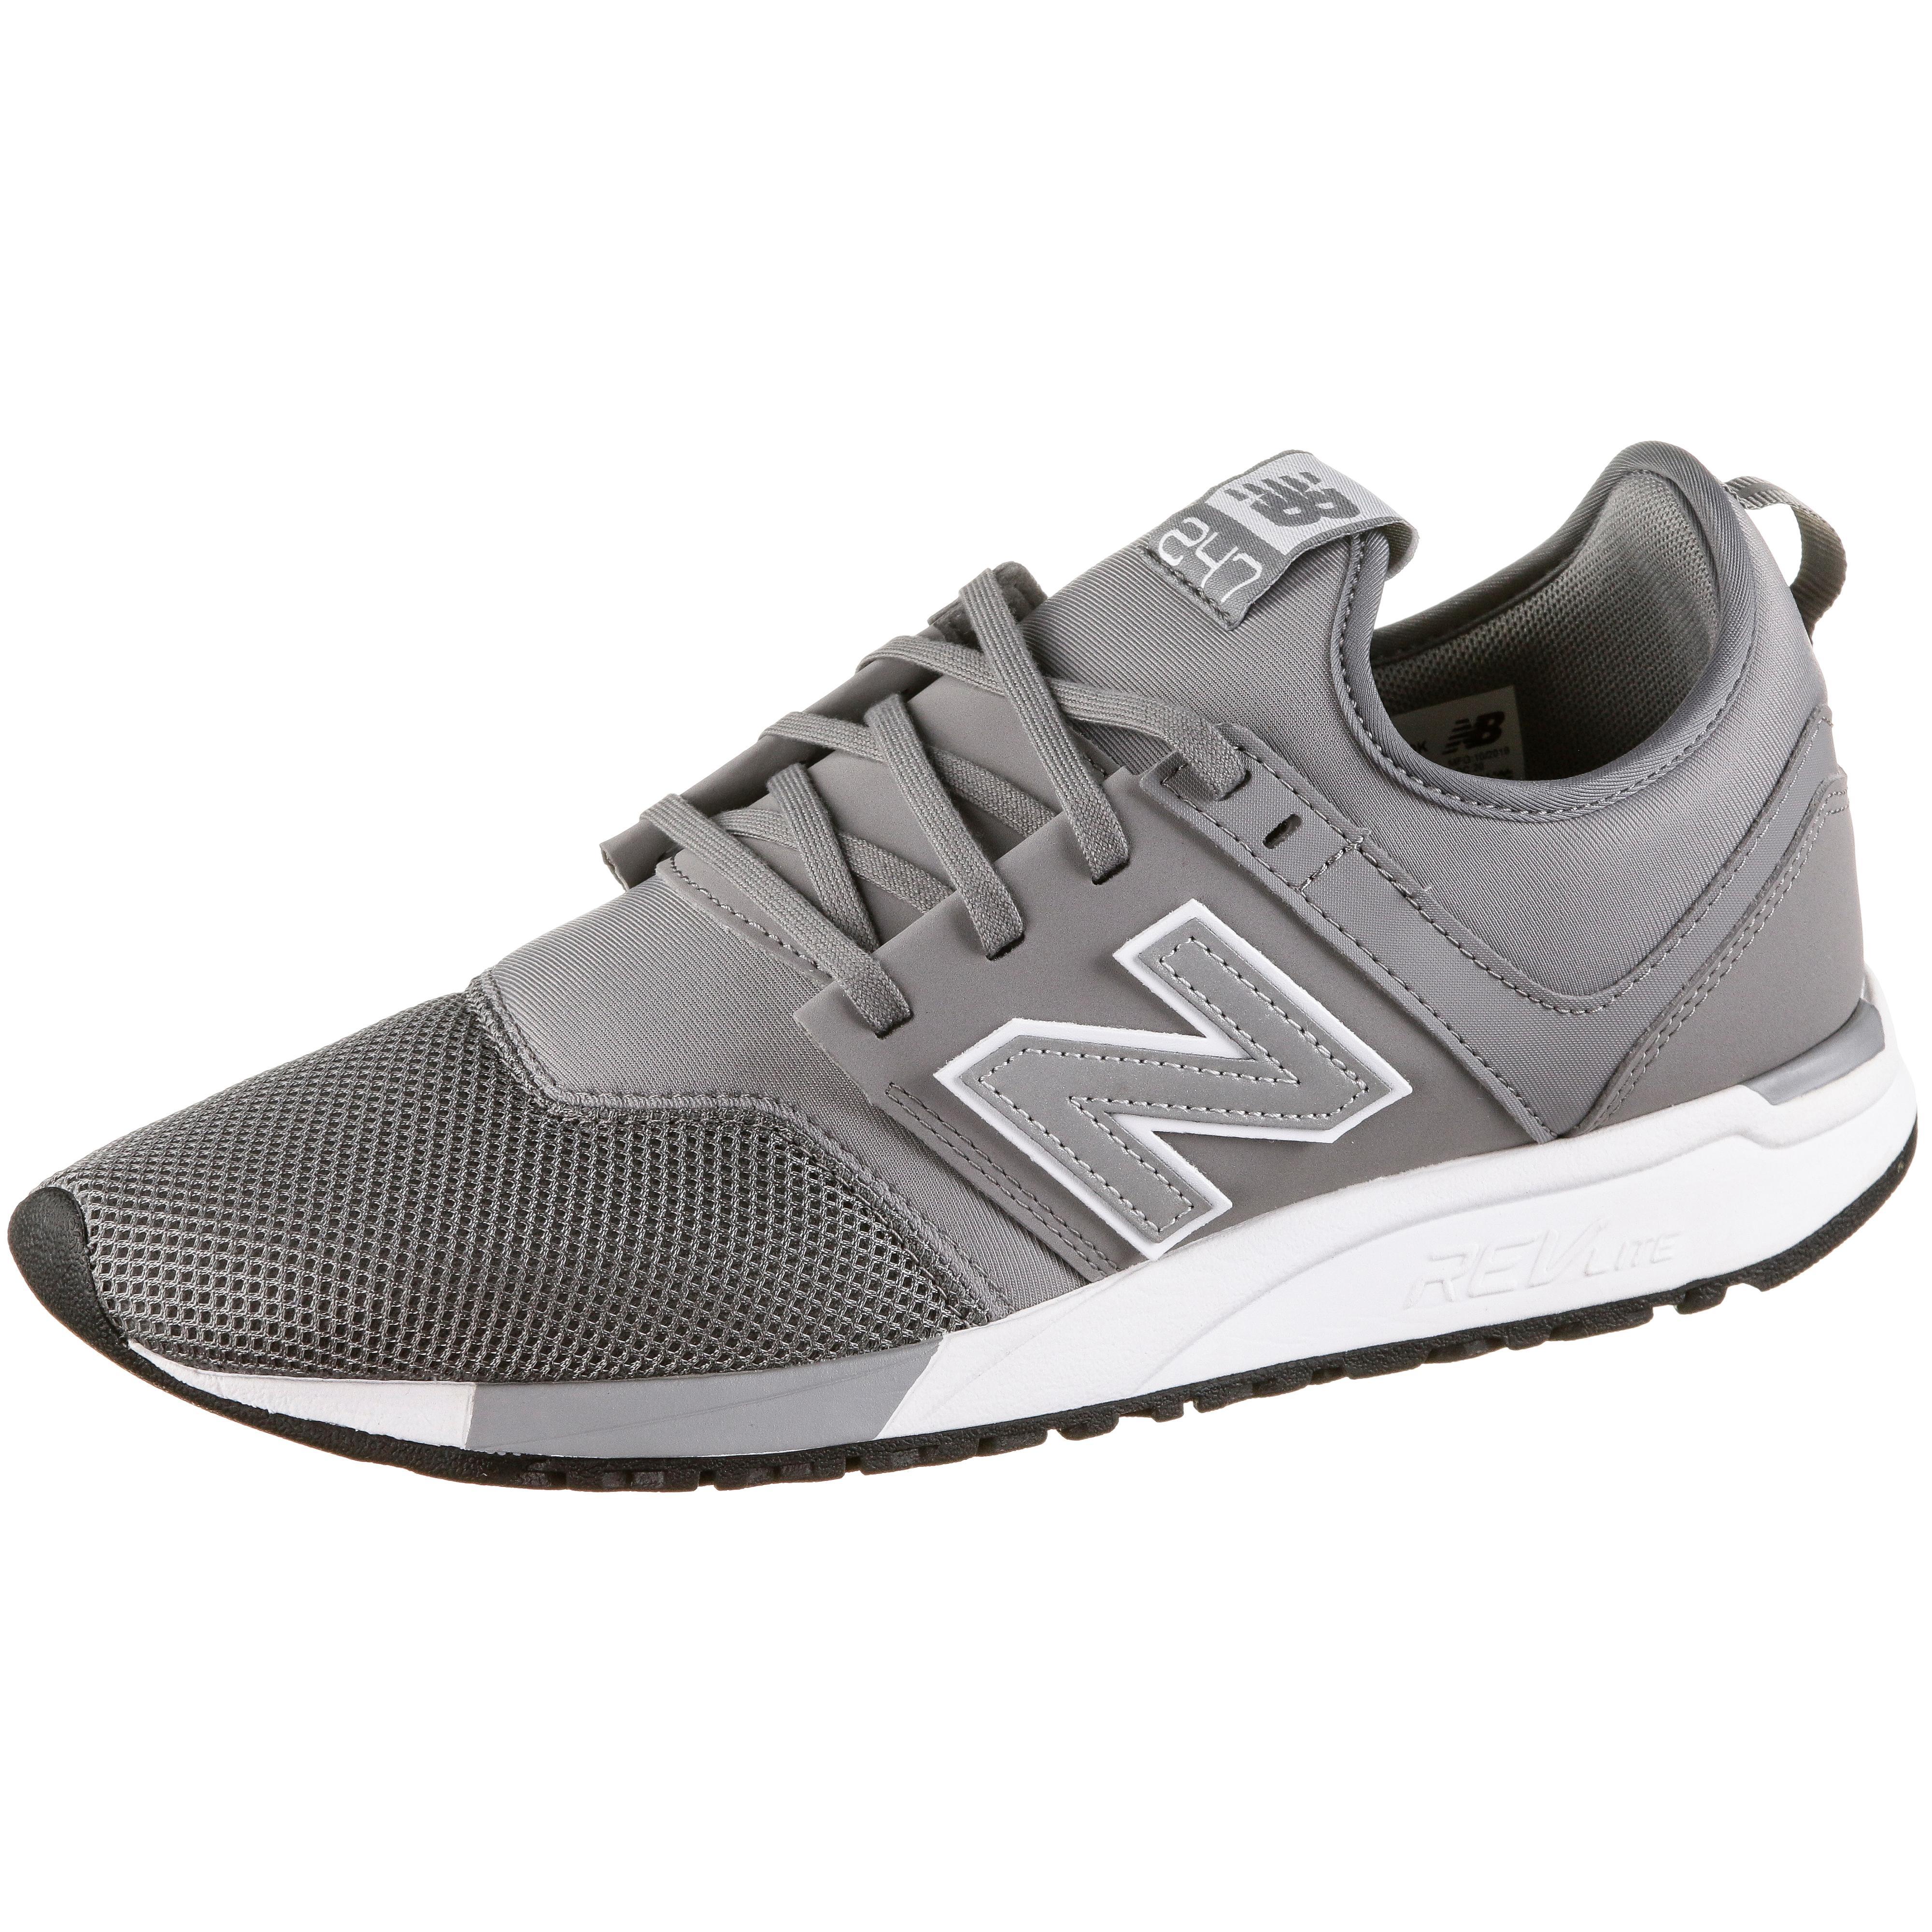 NEW BALANCE MRL247 Sneaker Herren grey im Online Shop von SportScheck kaufen